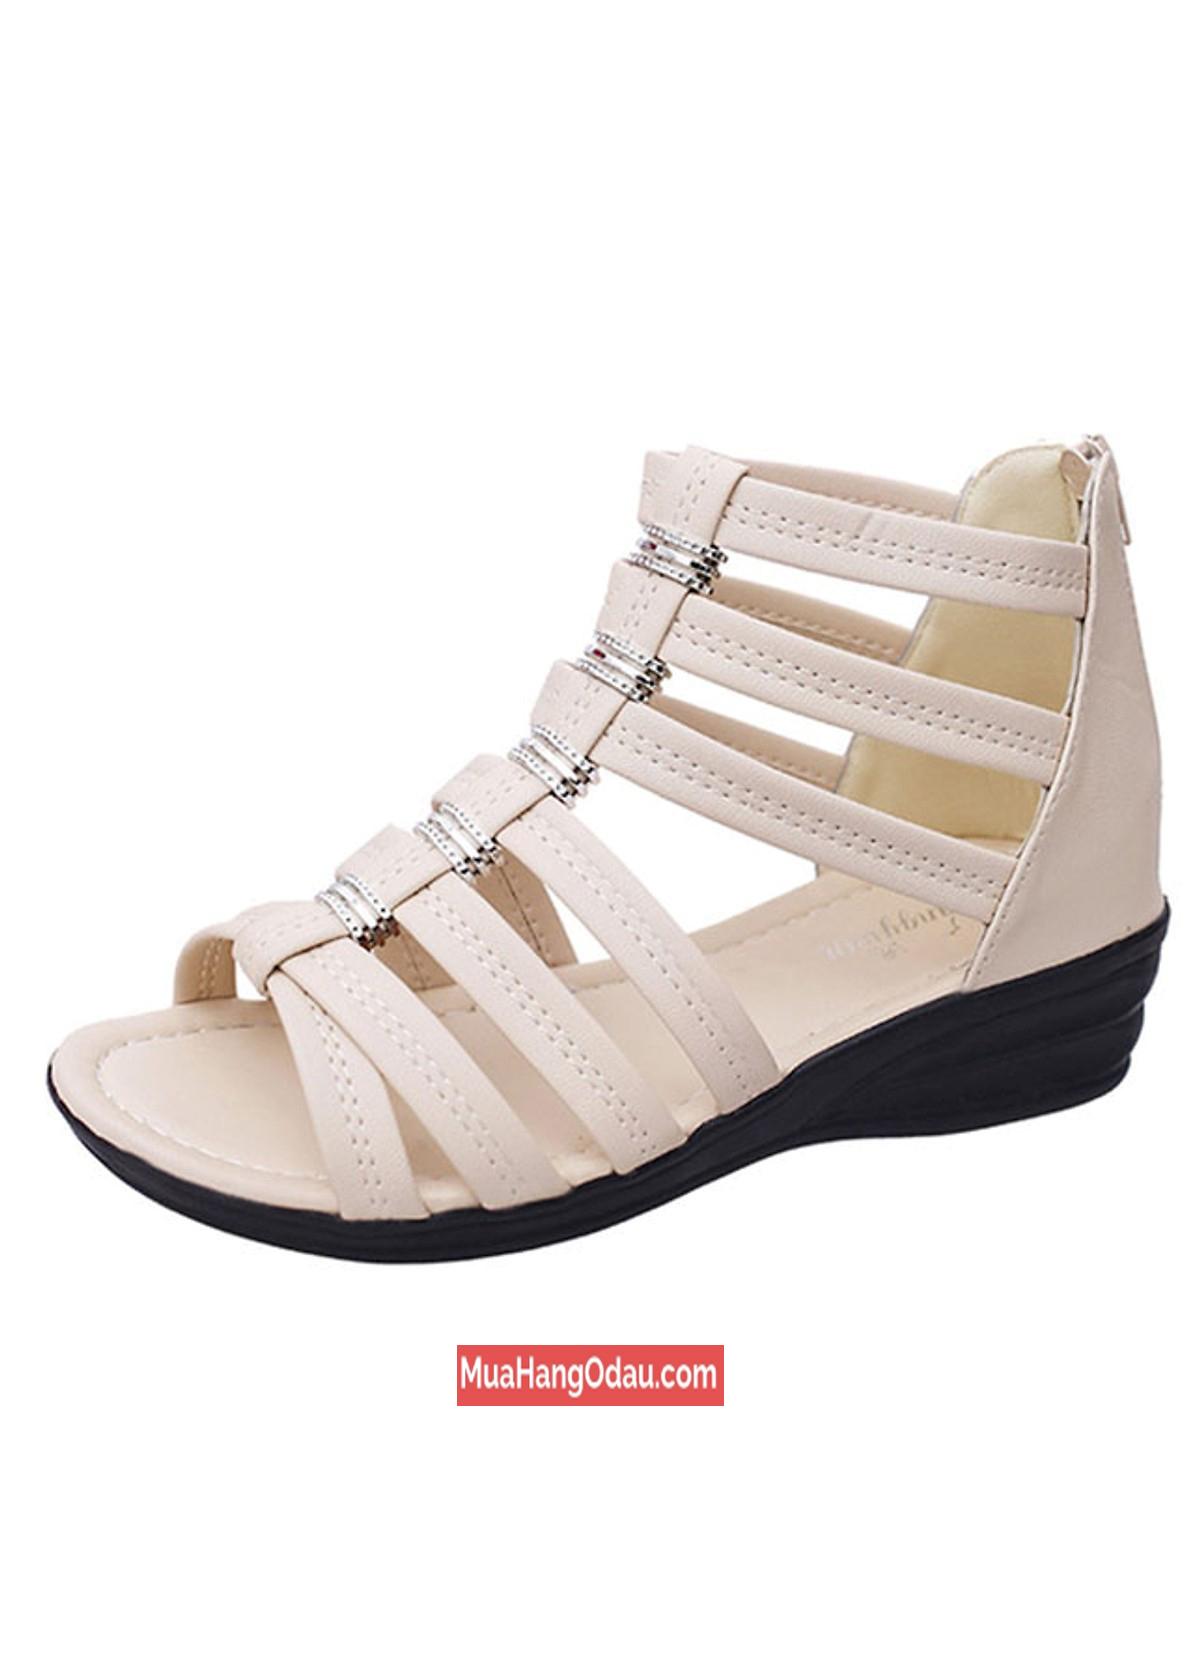 Giày sandal nữ chiến binh đế 4cm ZAVAN 2